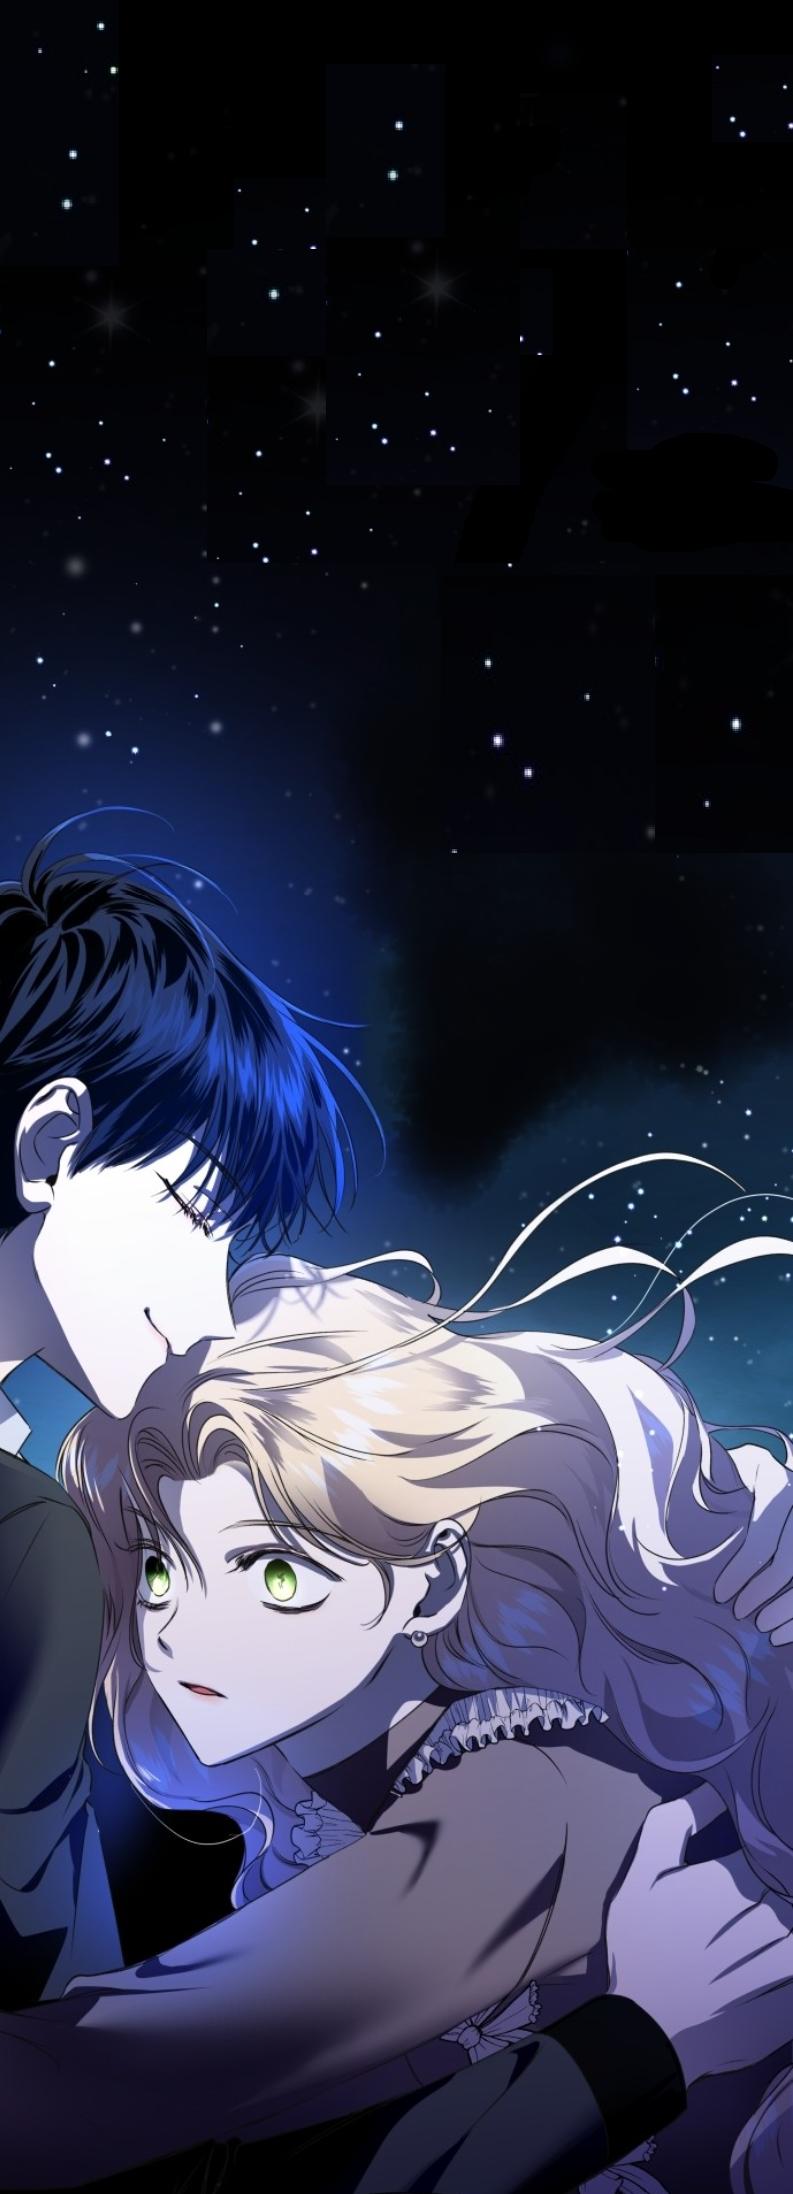 Pin oleh 界倫 陳 di Wallpaper di 2020 Seni anime, Seni, Animasi